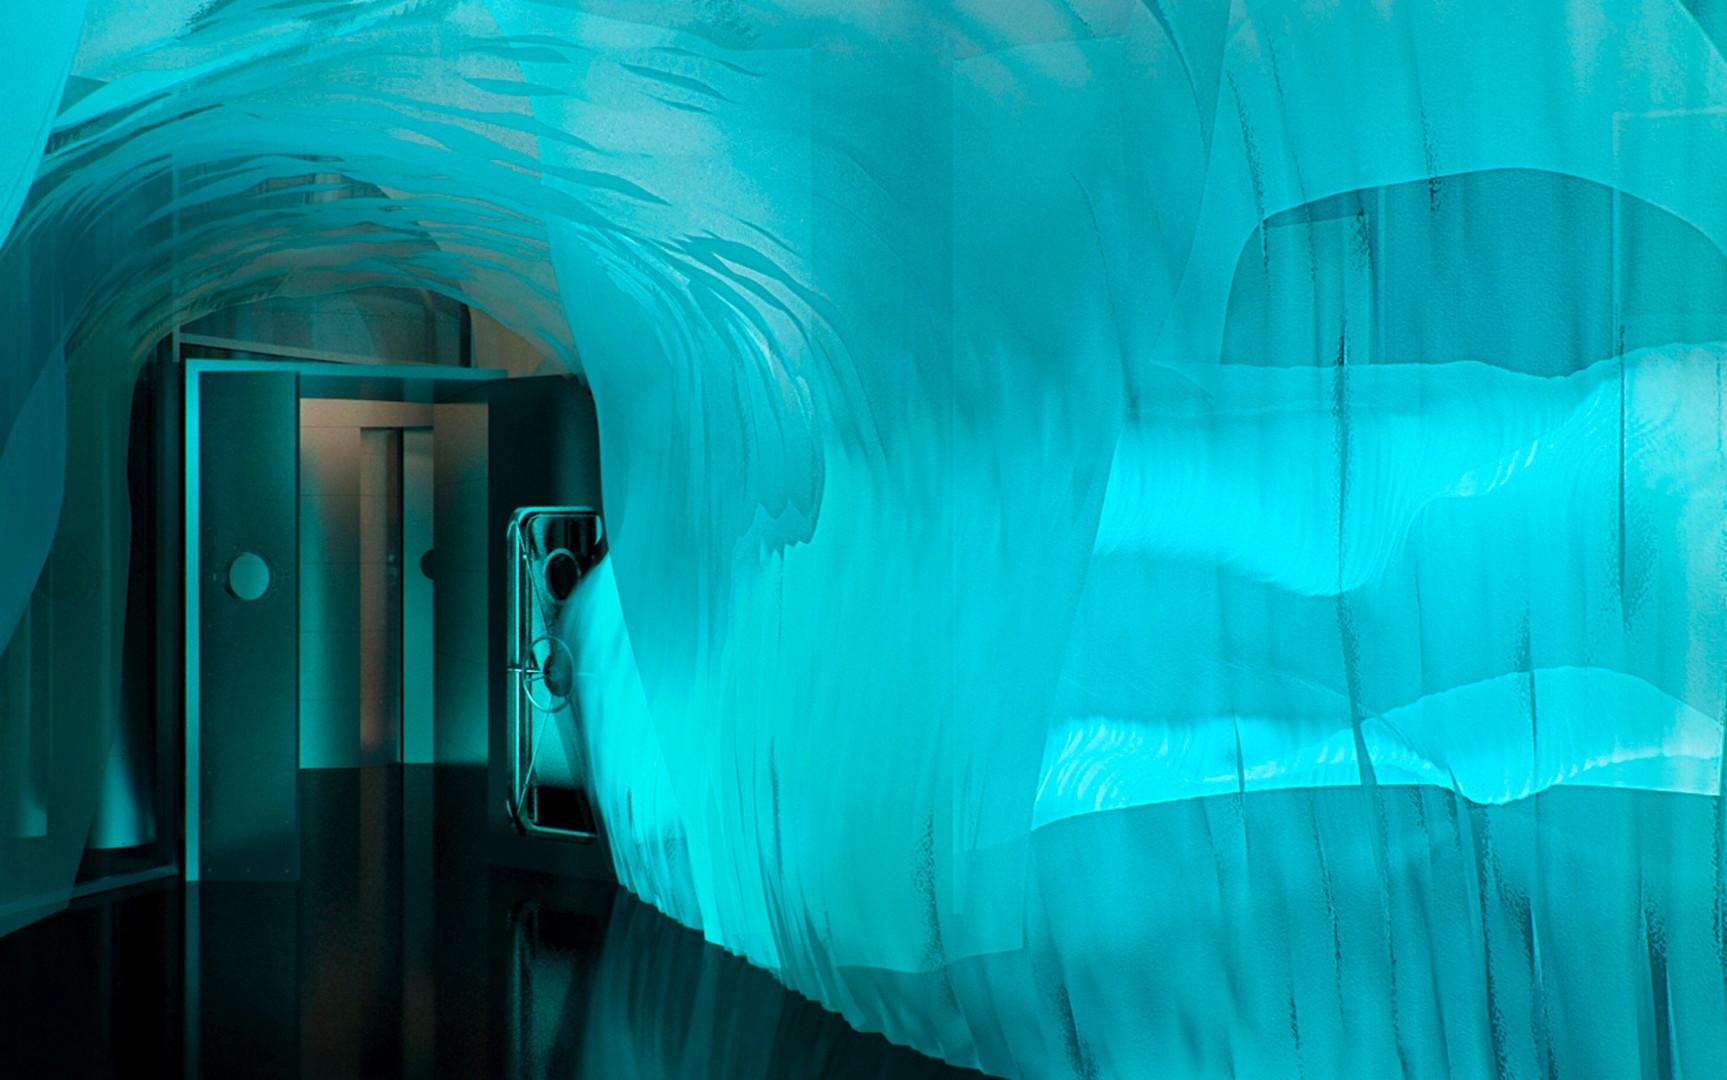 Seminários e conferências são planejados na caverna, mantida a uma temperatura entre 2 e 5 graus Celsius negativos.